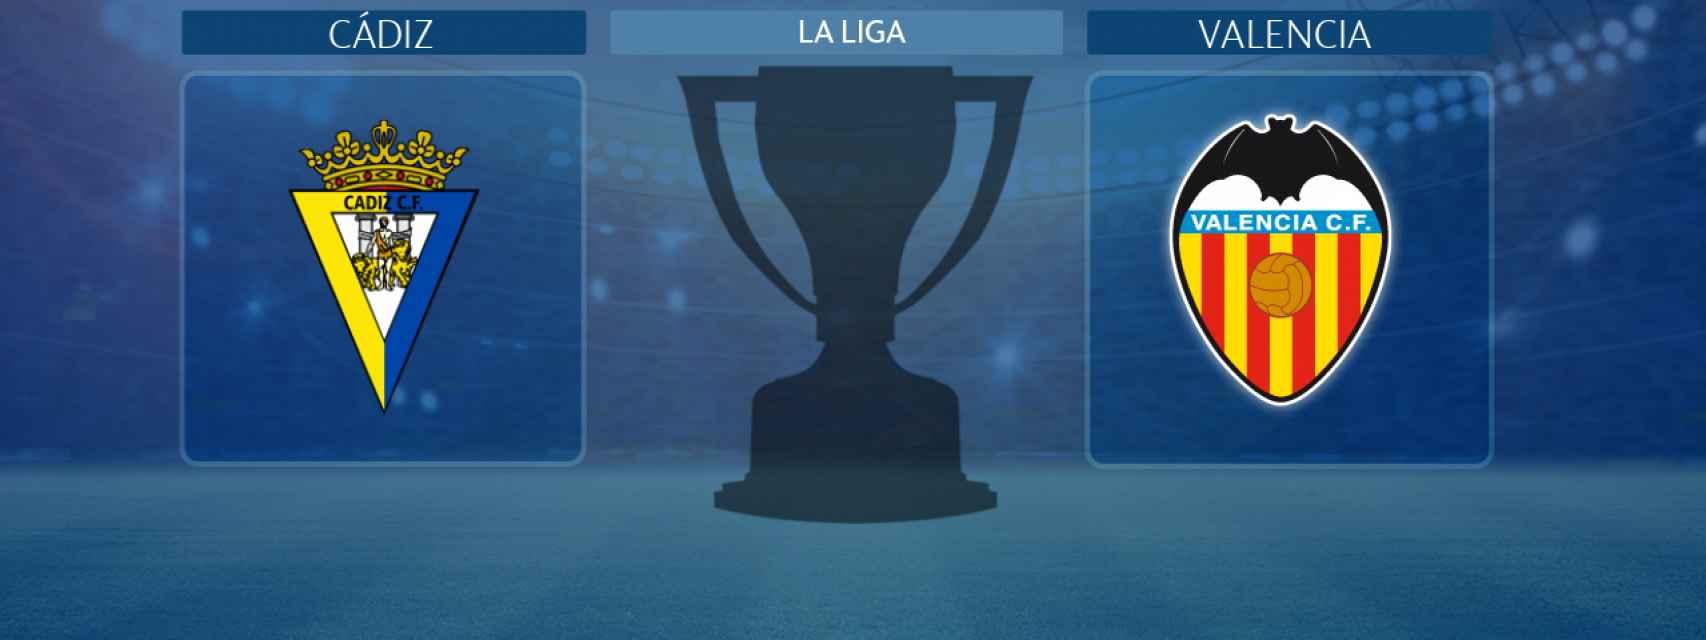 Cádiz - Valencia, partido de La Liga